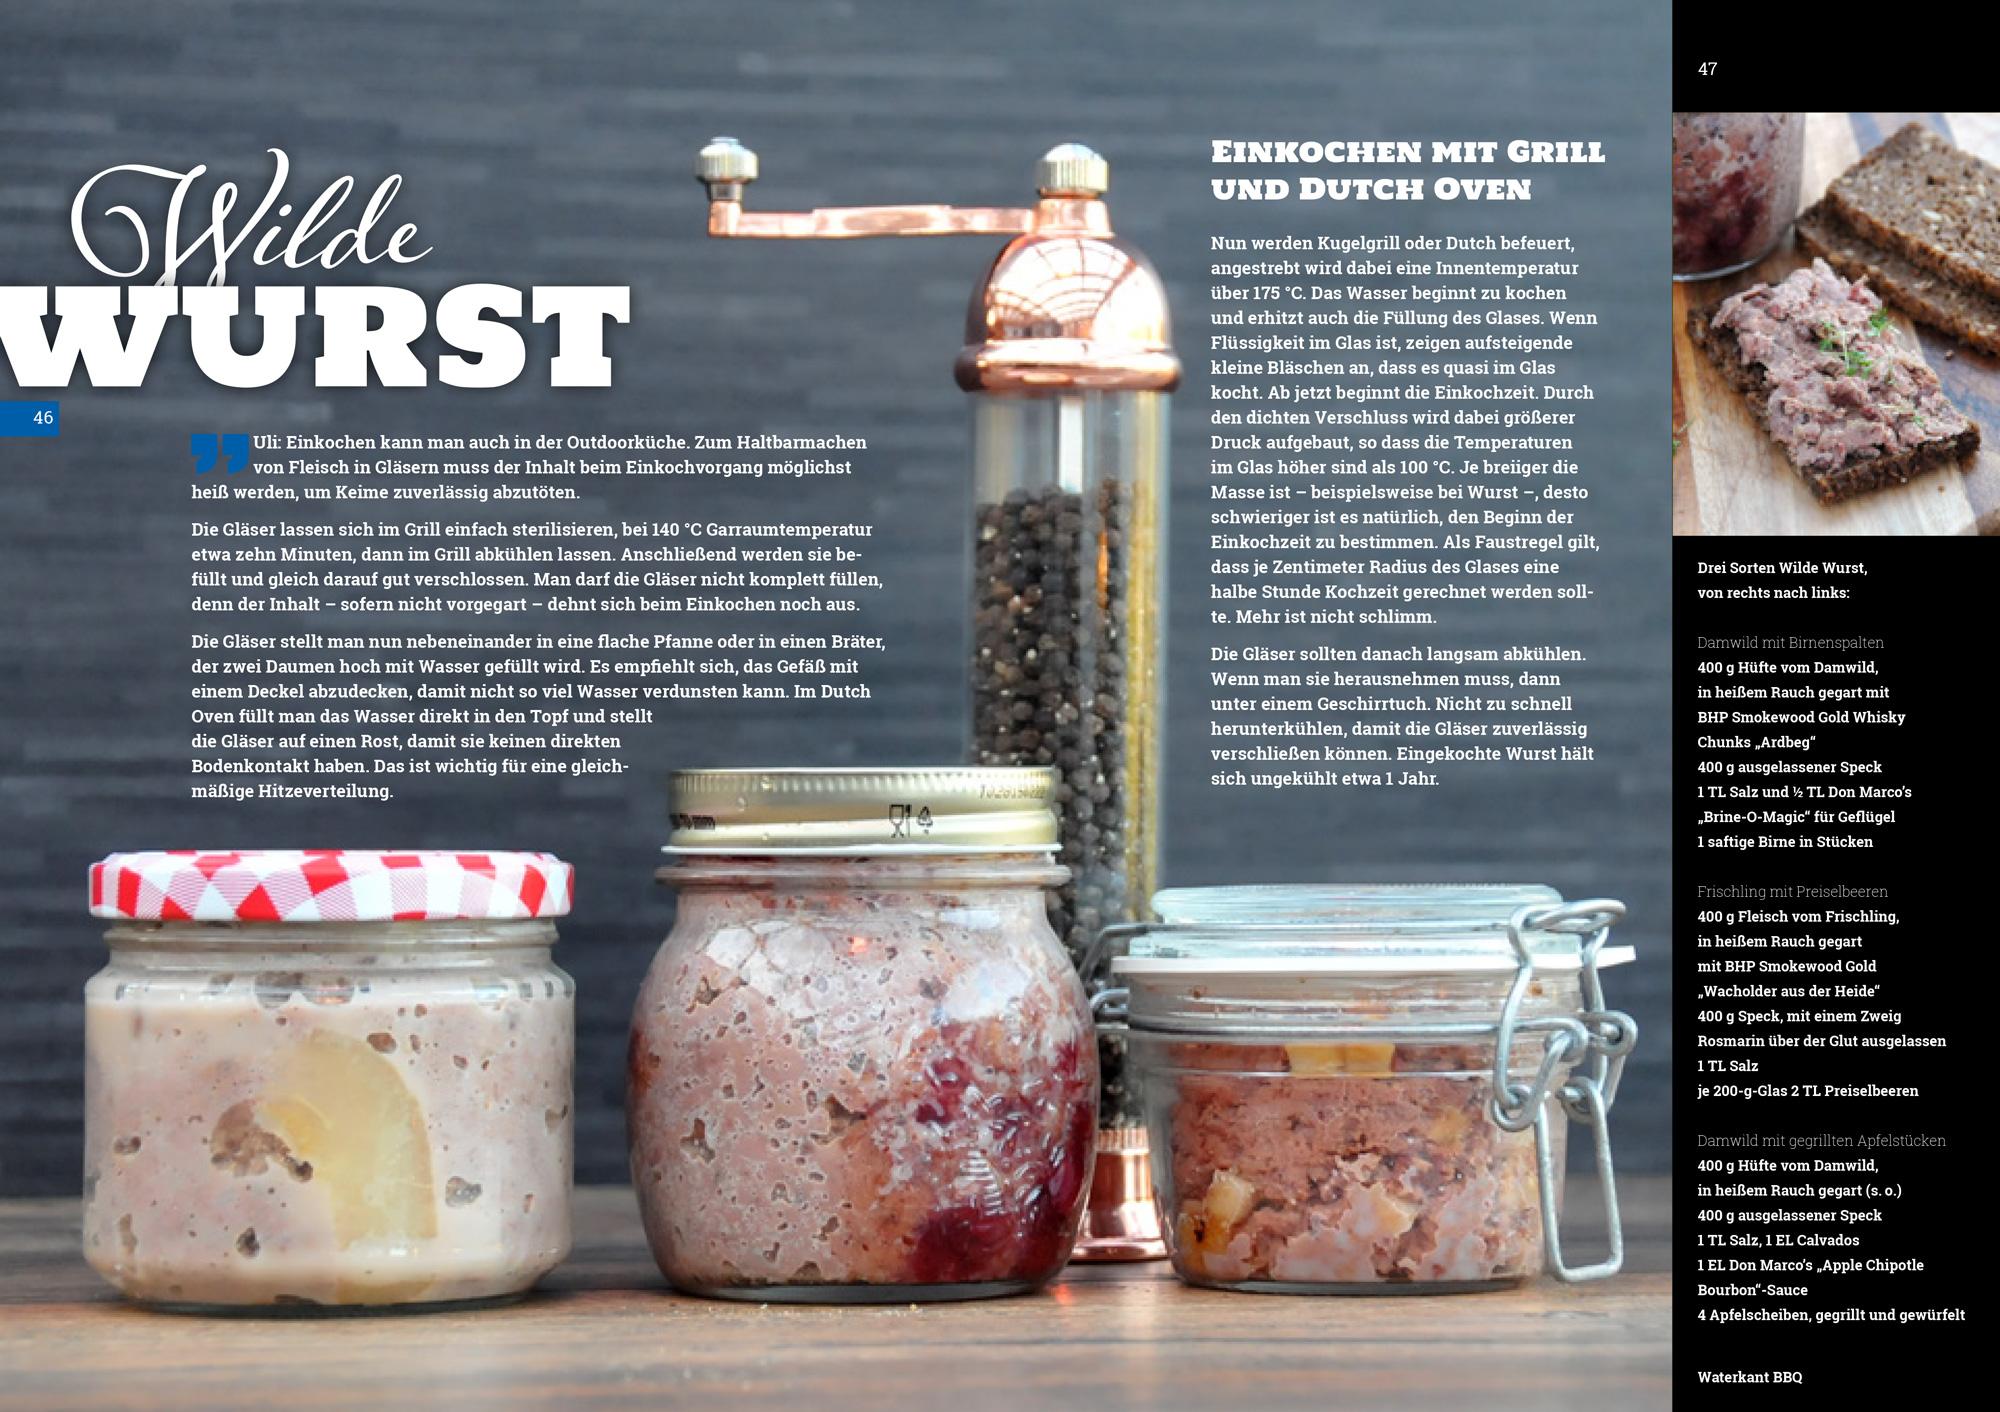 Outdoorküche Buch Lösungen : Wild kitchen project 2.0 u2013 eckhaus verlag